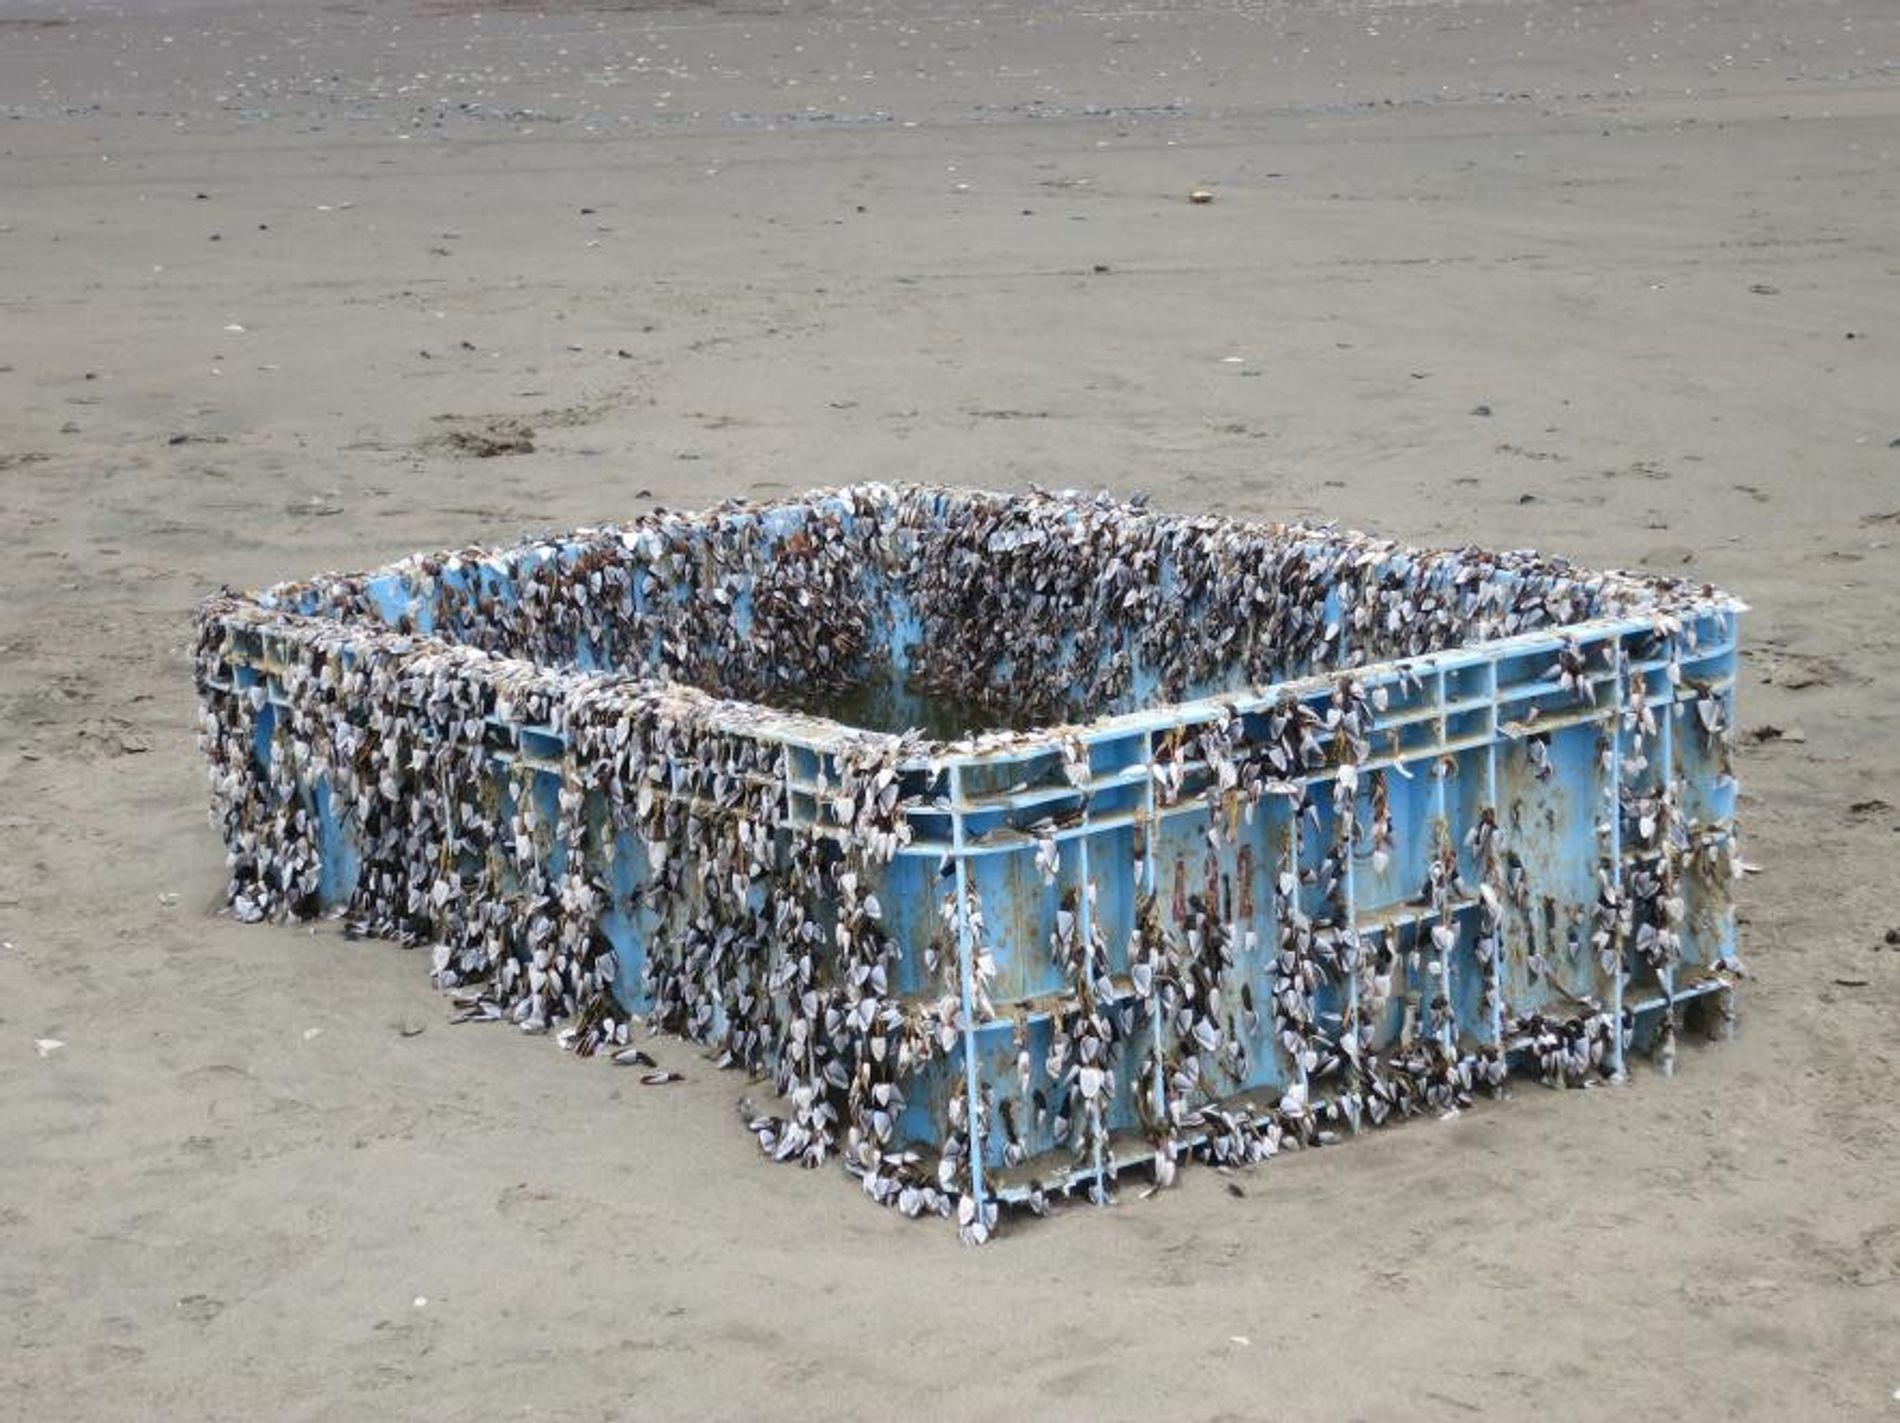 Rankenfußkrebse der Art Lepas anatifera hängen wie knotige Seile an einer Plastikkiste, die 2014 an den Strand von San Francisco gespült worden war. Sie war eines der zahllosen Teile, die nach dem japanischen Tsunami im Jahr 2011 den Pazifik überquerten.